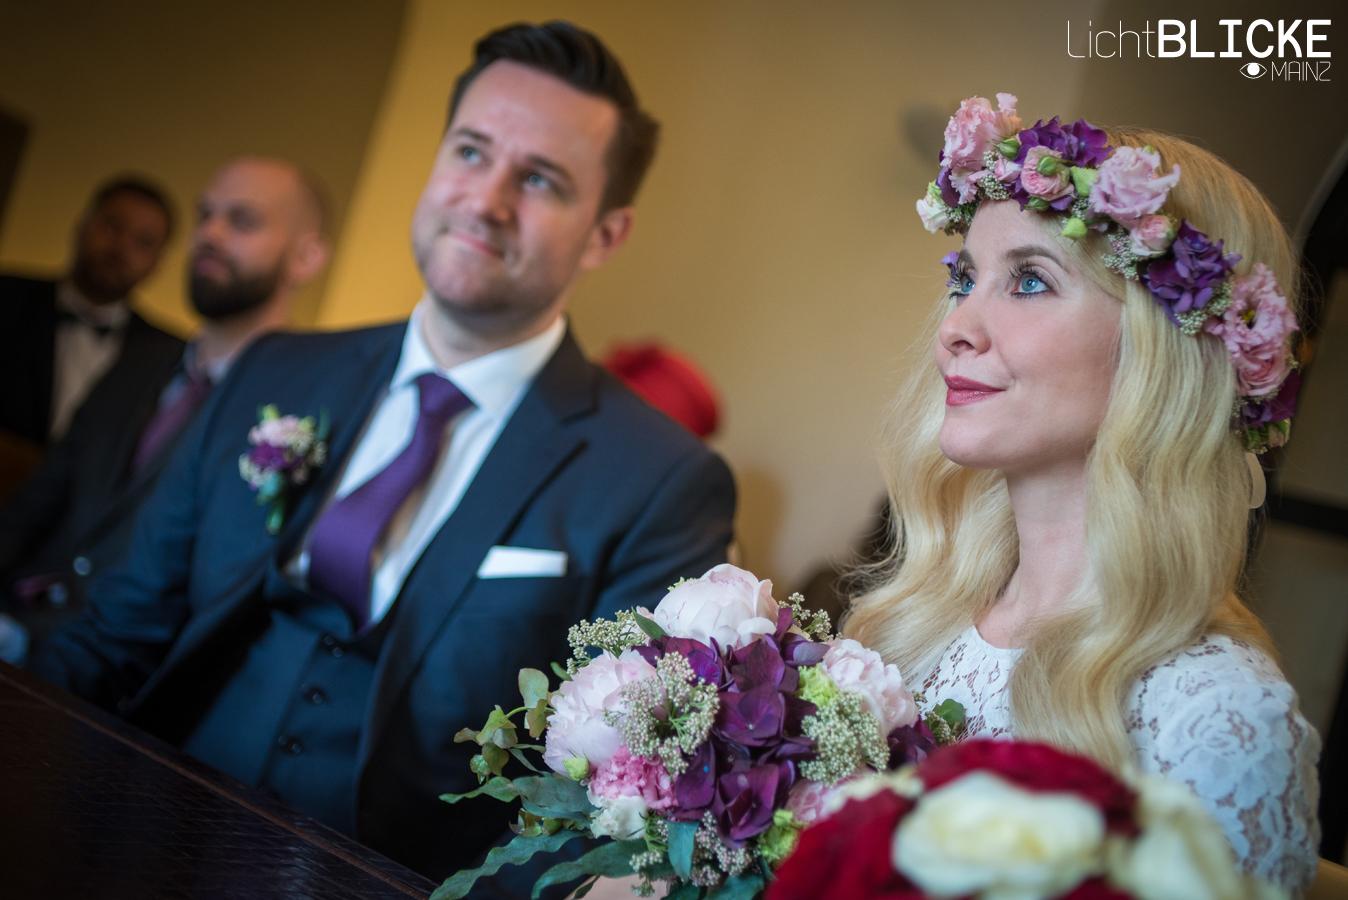 Hoch-Zeit für Hochzeiten…